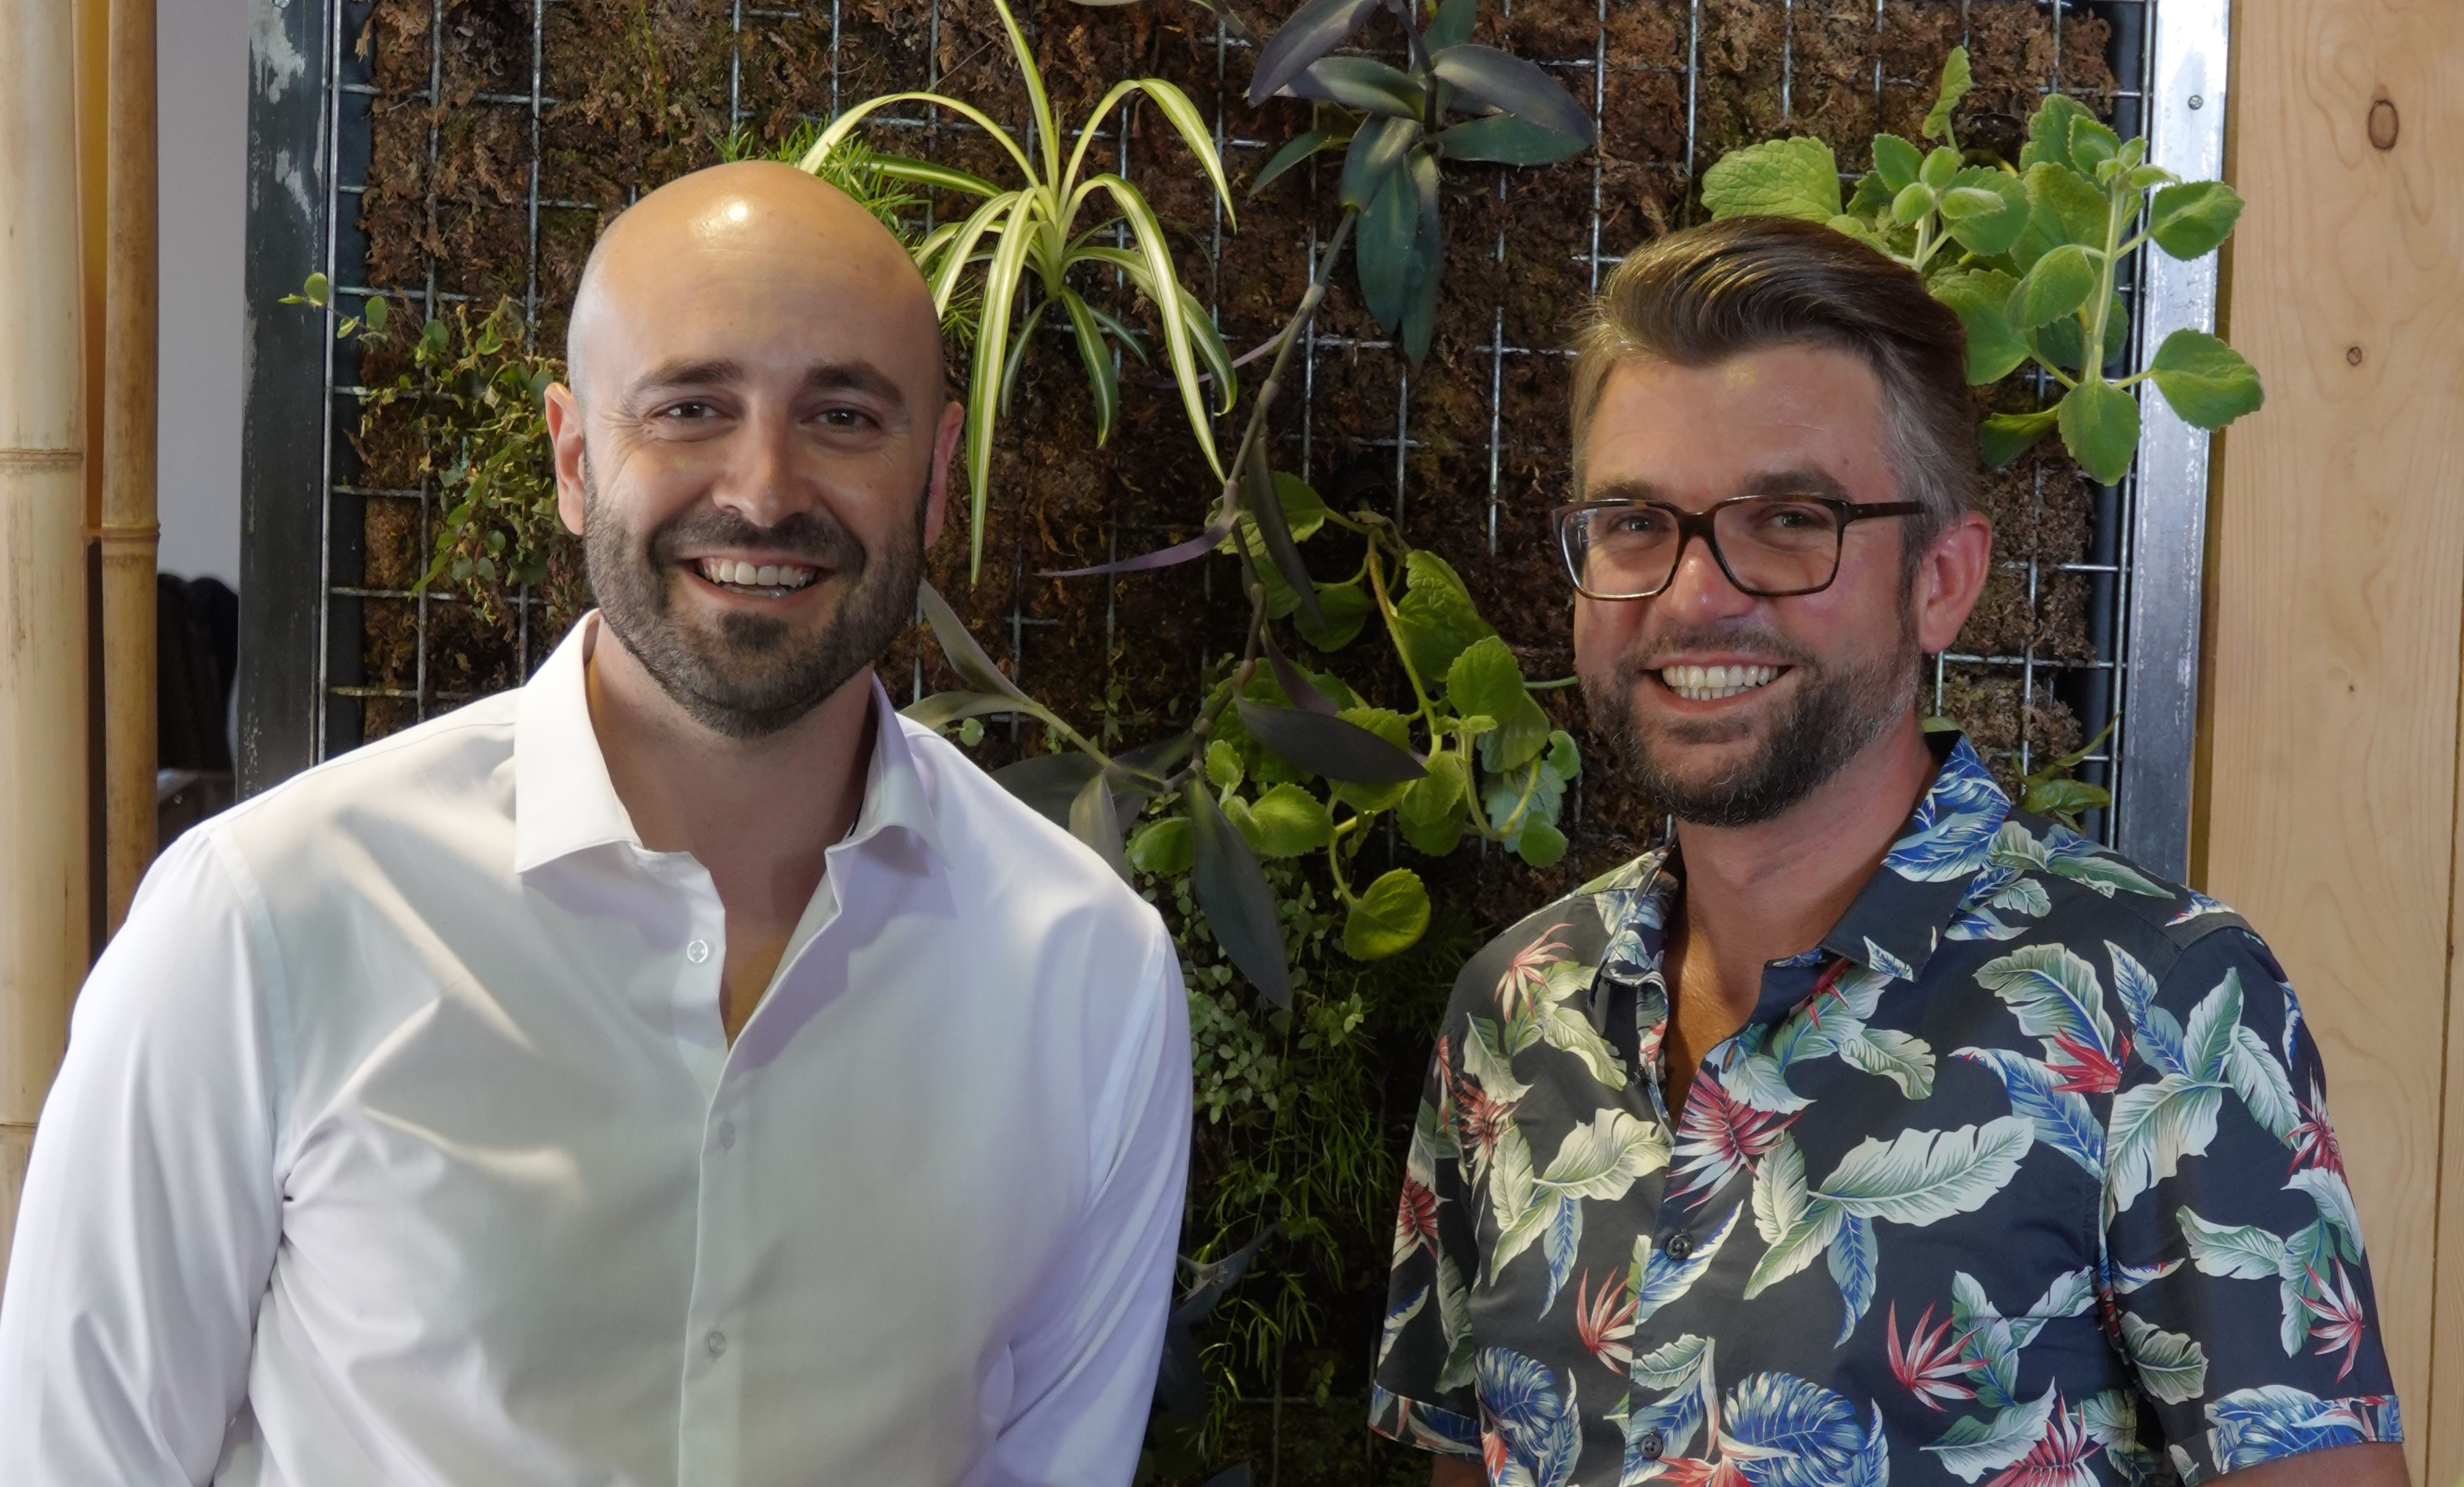 JULIEN Prouzet et Sébastien FAÏSSE codirigeant Artifex, bureau d'études de conseil en impacts environnementaux, notamment pour les carrières de granit